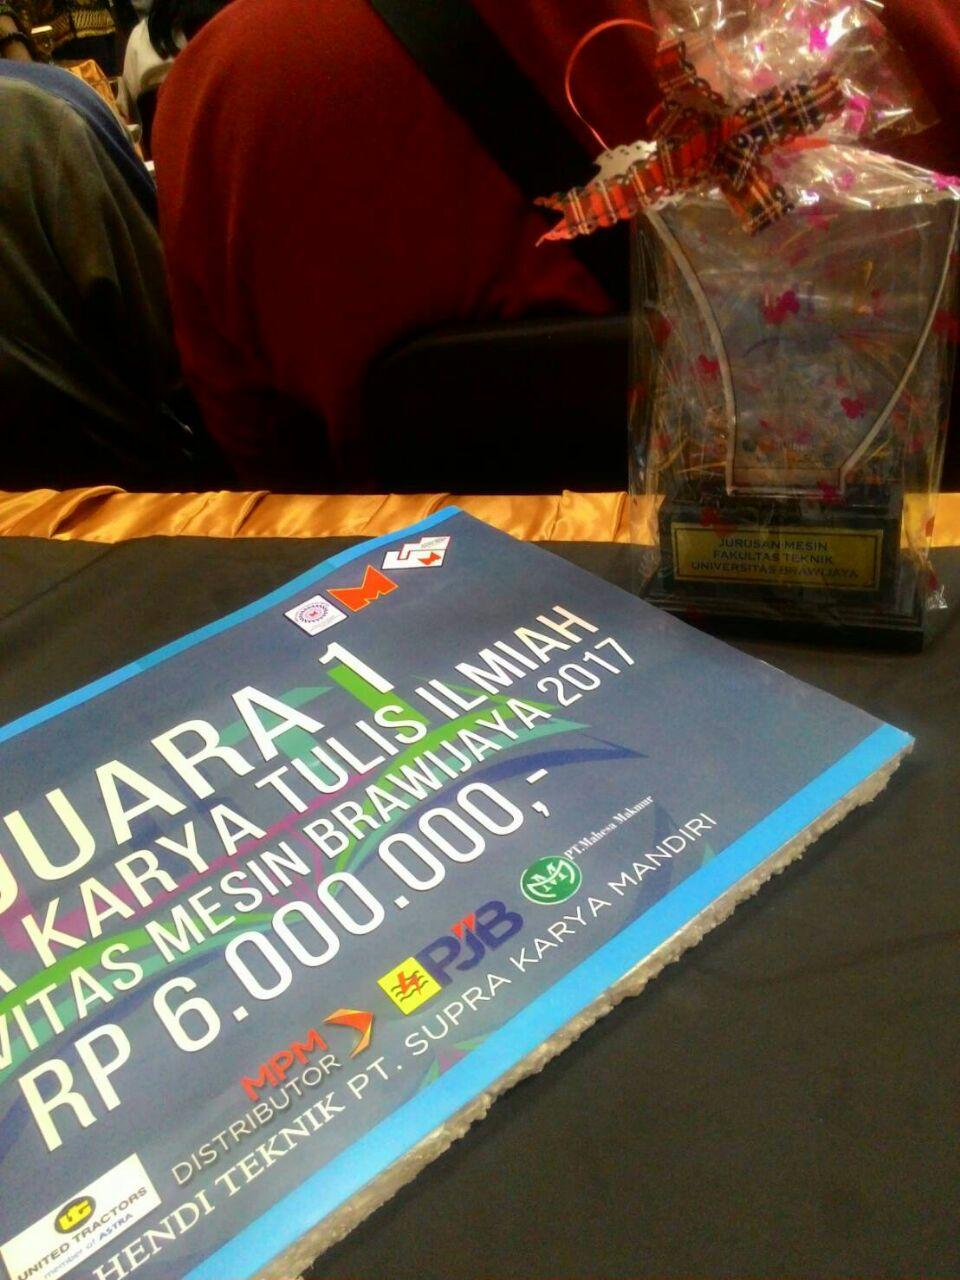 Mahasiswa TL meraih Juara 1 Lomba Karya Tulis Ilmiah 2017